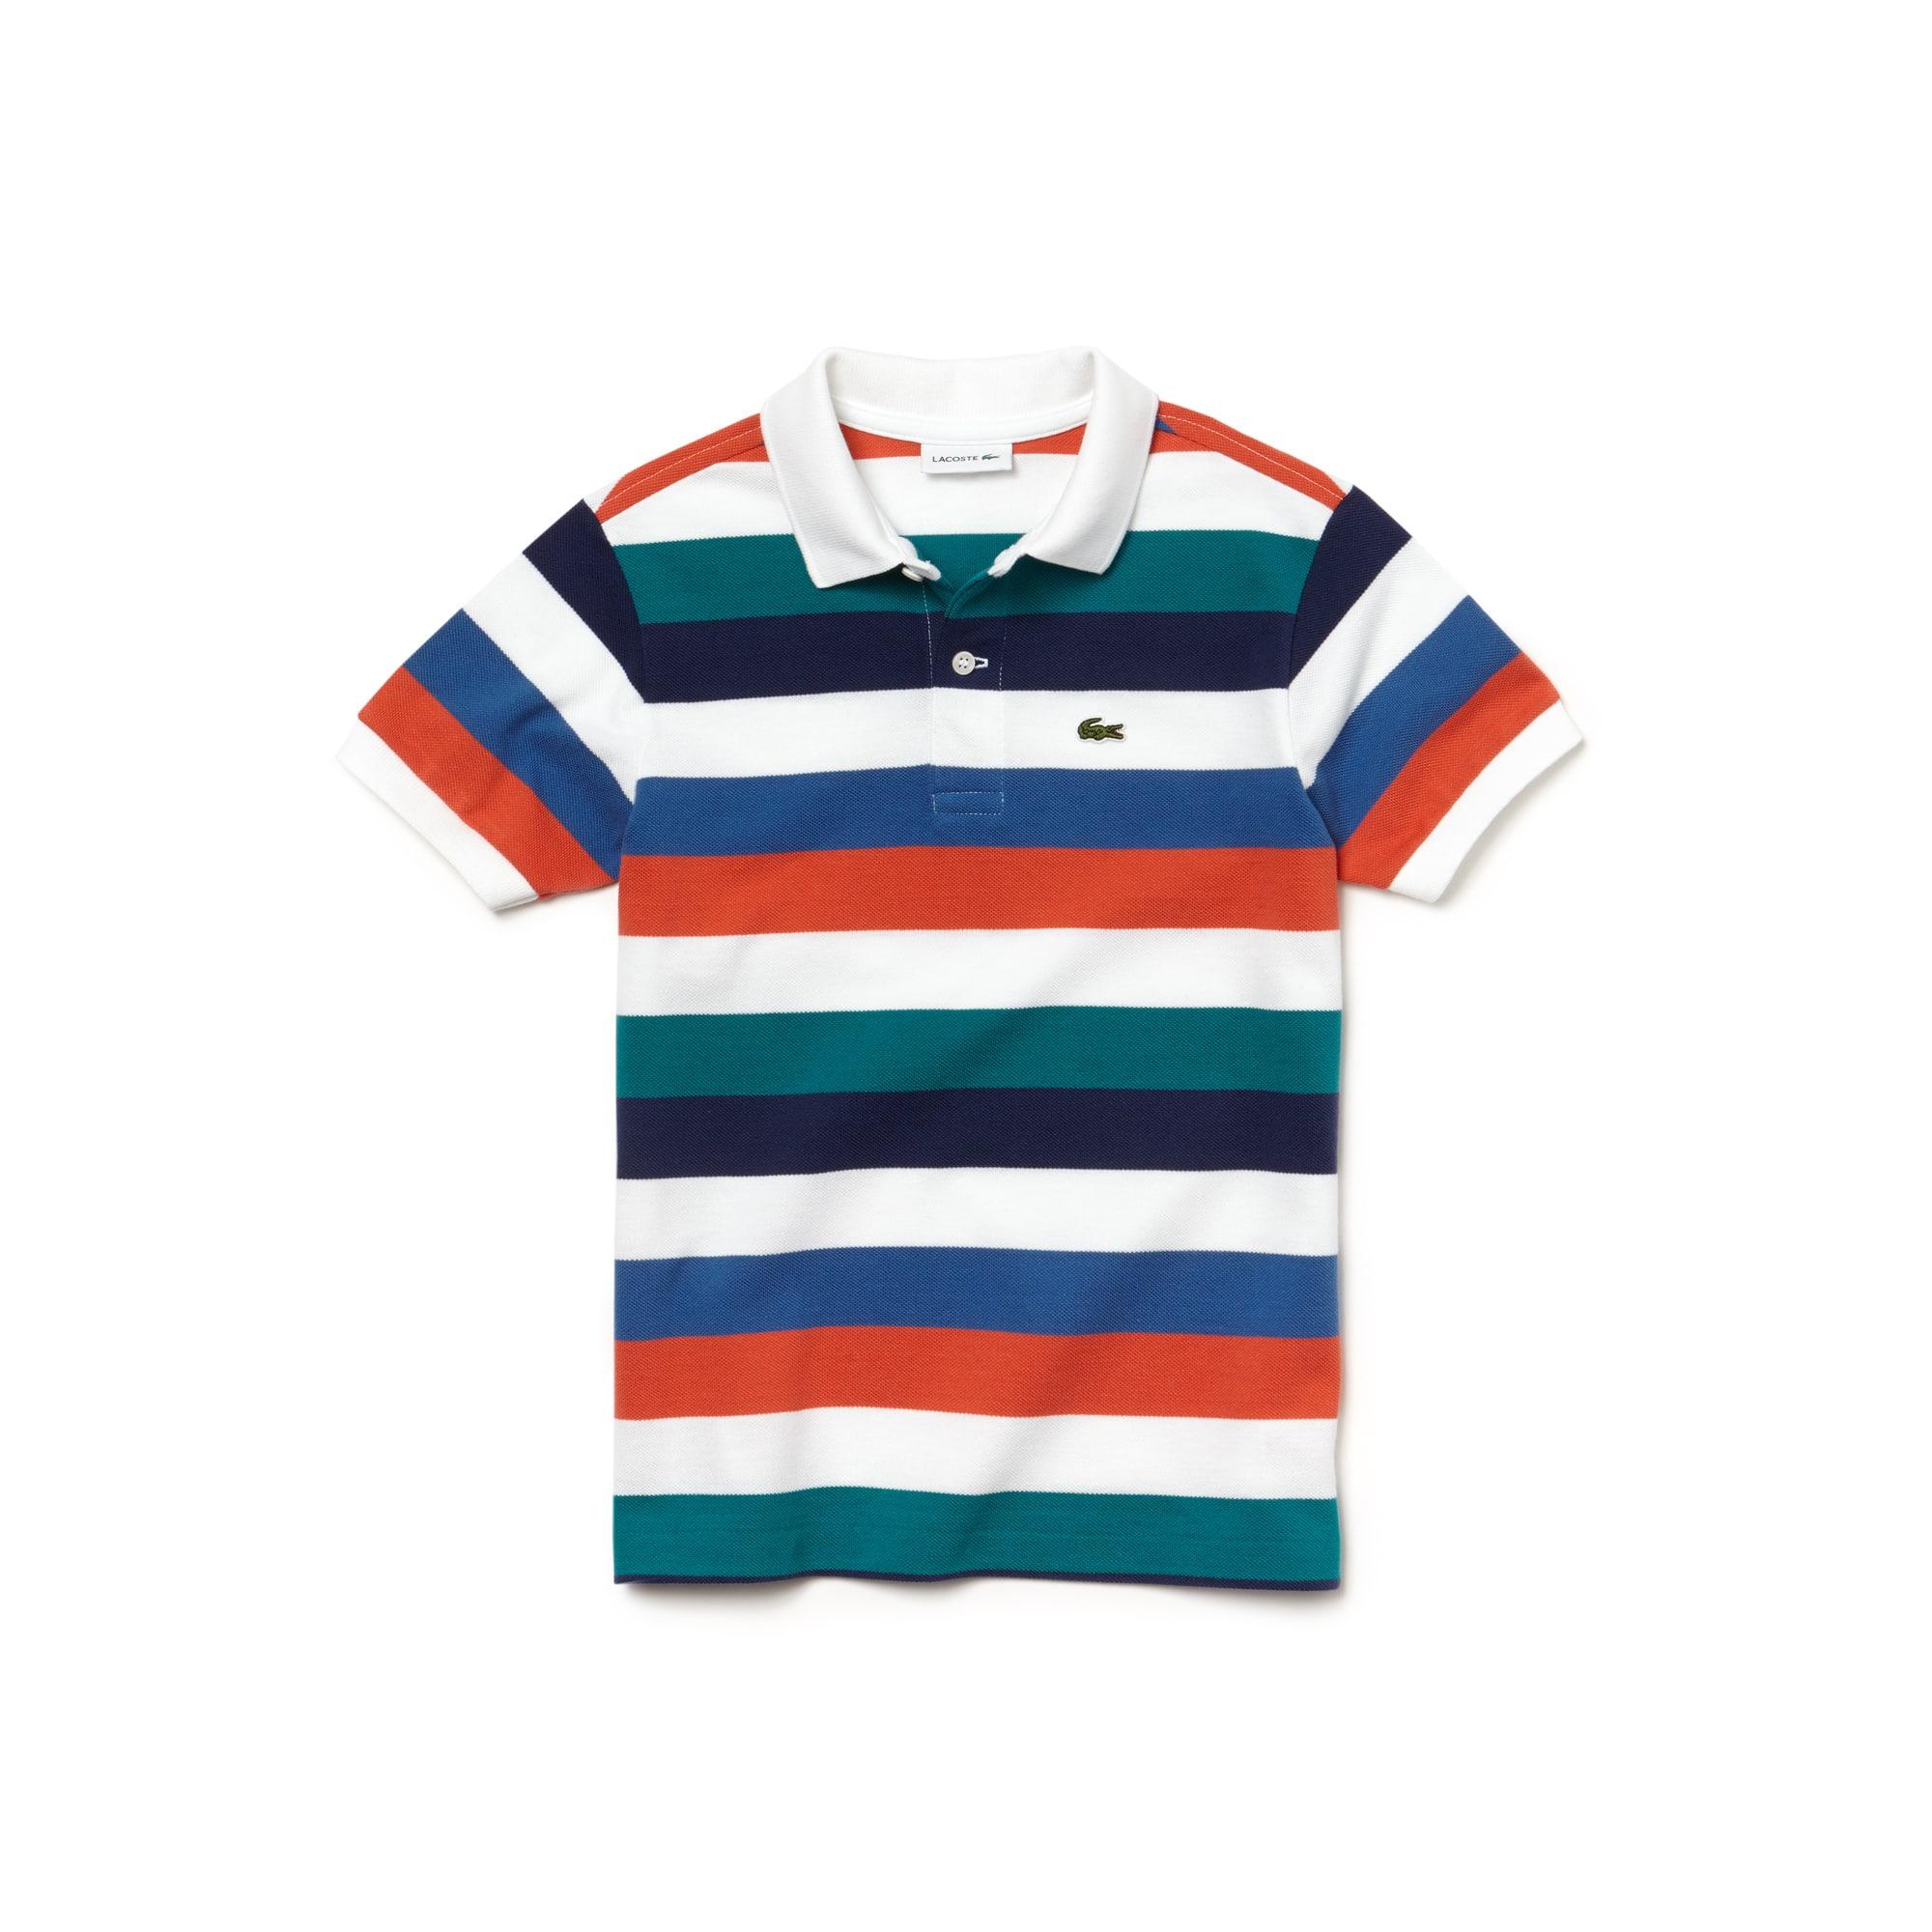 Camisa Polo Lacoste Masculina Infantil em Piqué com Listras Coloridas